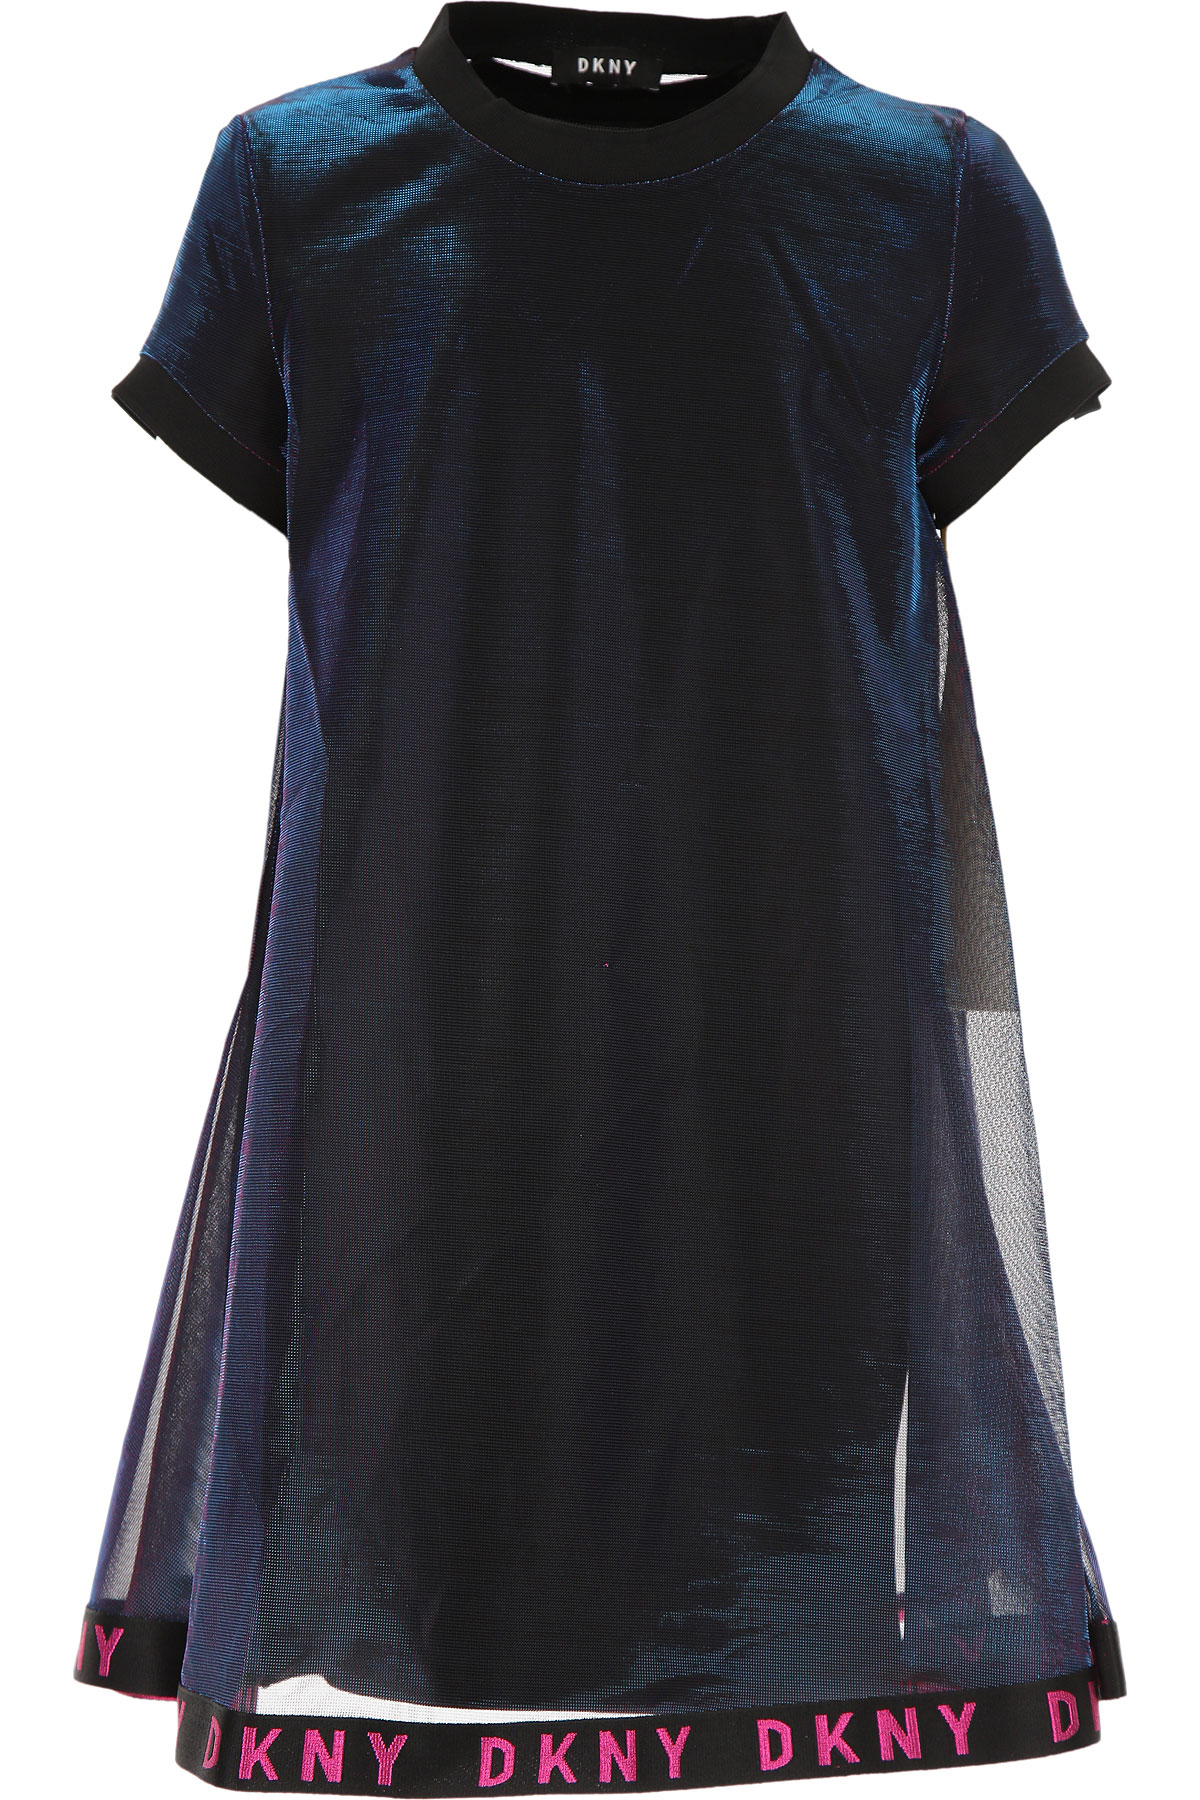 DKNY Girls Dress On Sale, Black, Viscose, 2019, 12Y 14Y 16Y 8Y